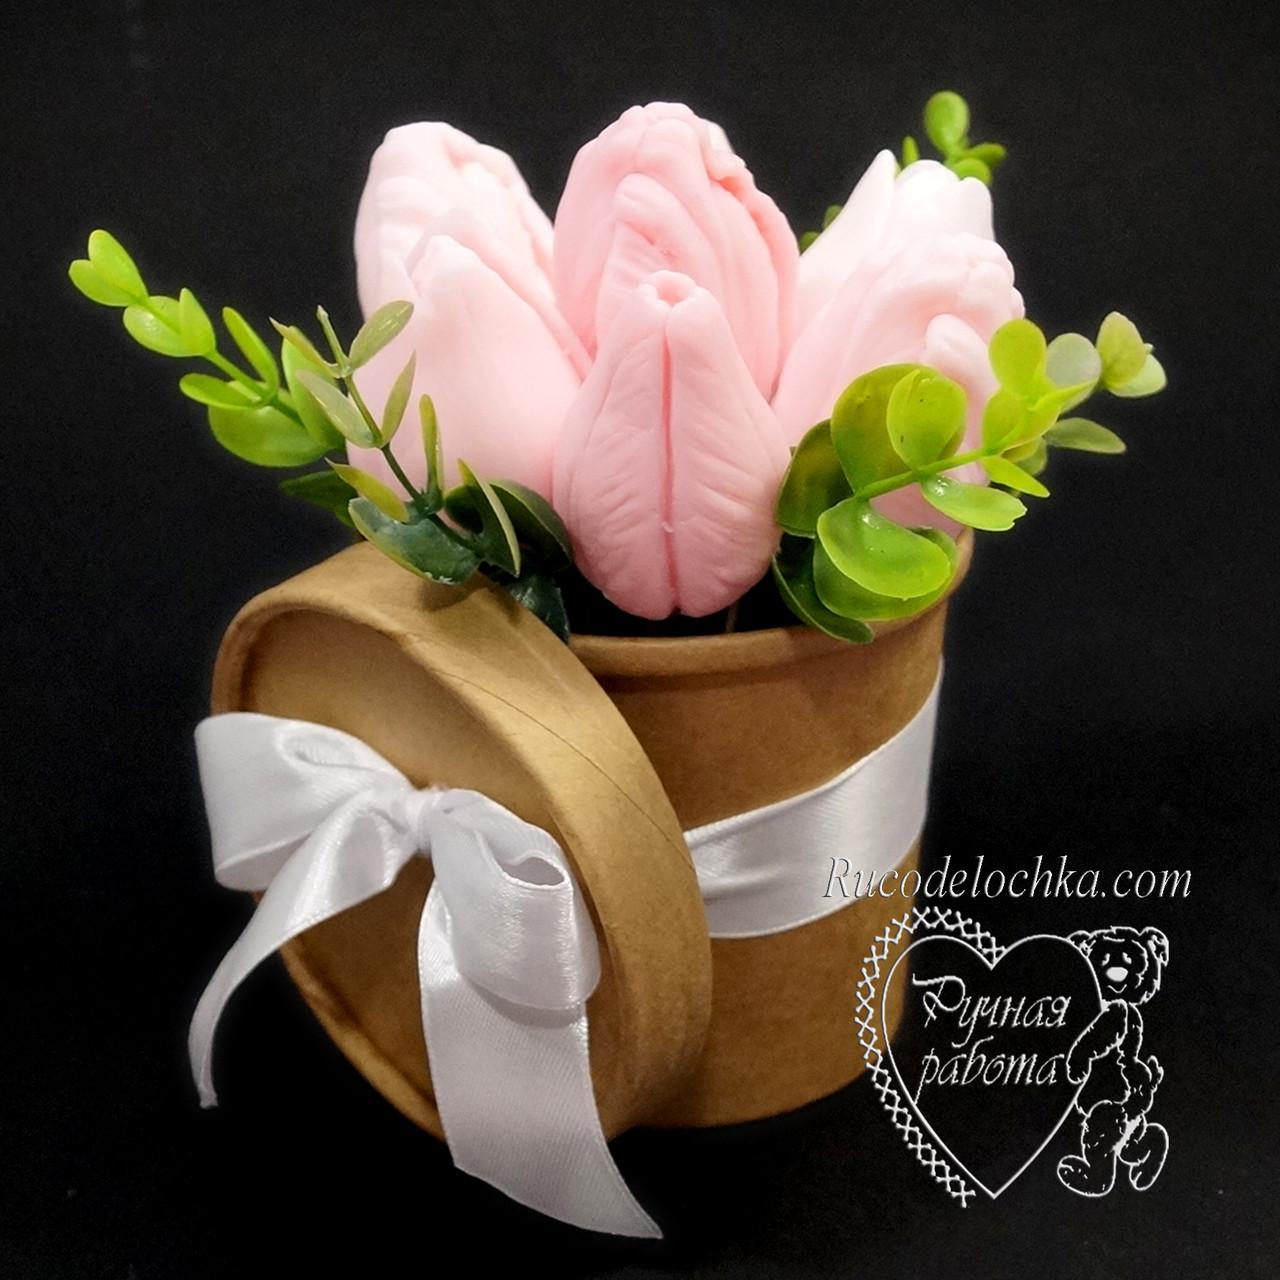 Букет из мыла в крафтовом стакане, мыльный букет, набор мыла женского, подарок 8 марта